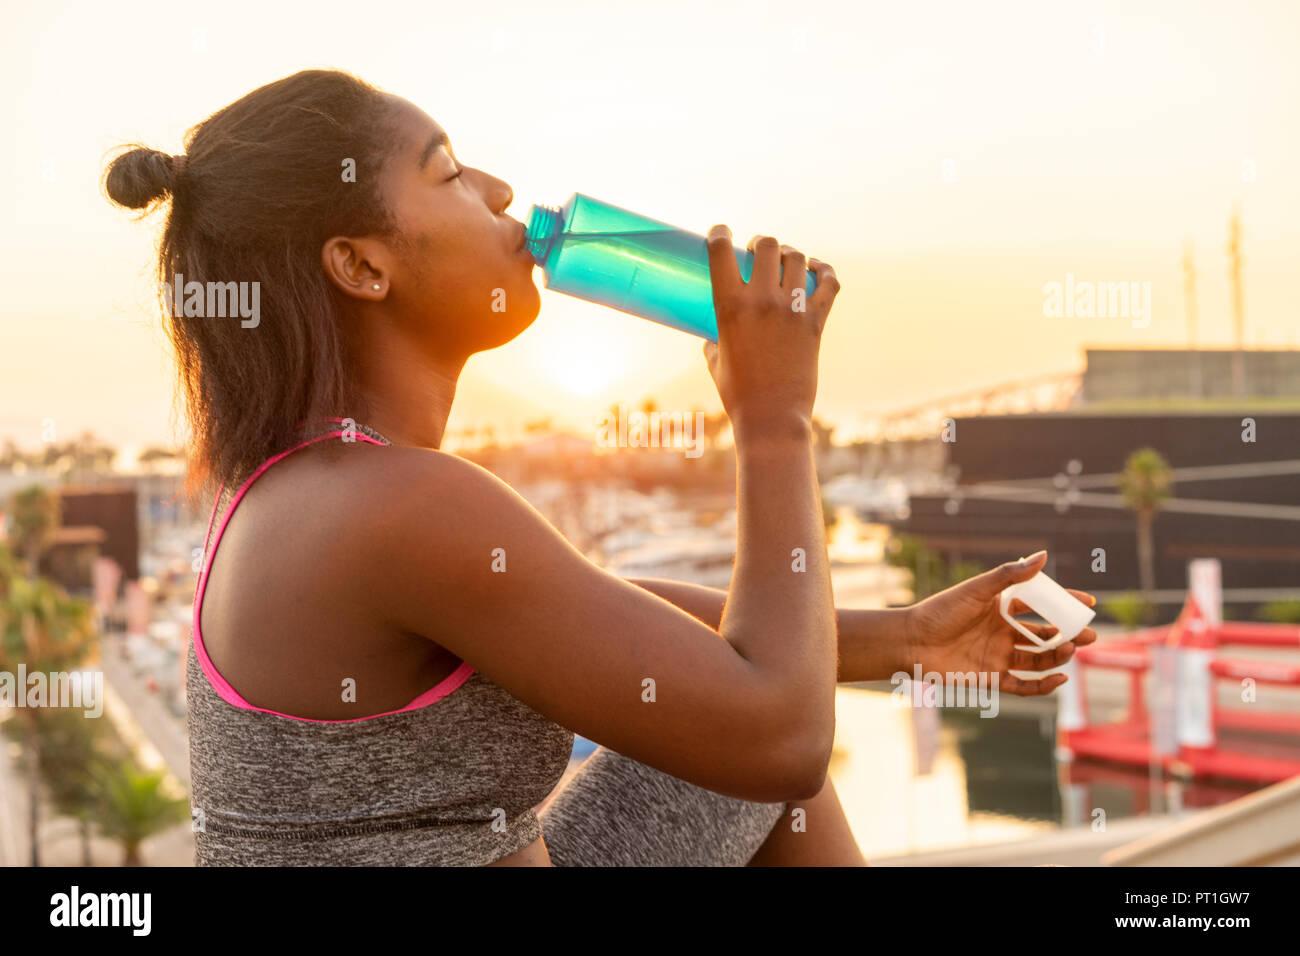 Jeune femme l'eau potable au cours des travaux Banque D'Images